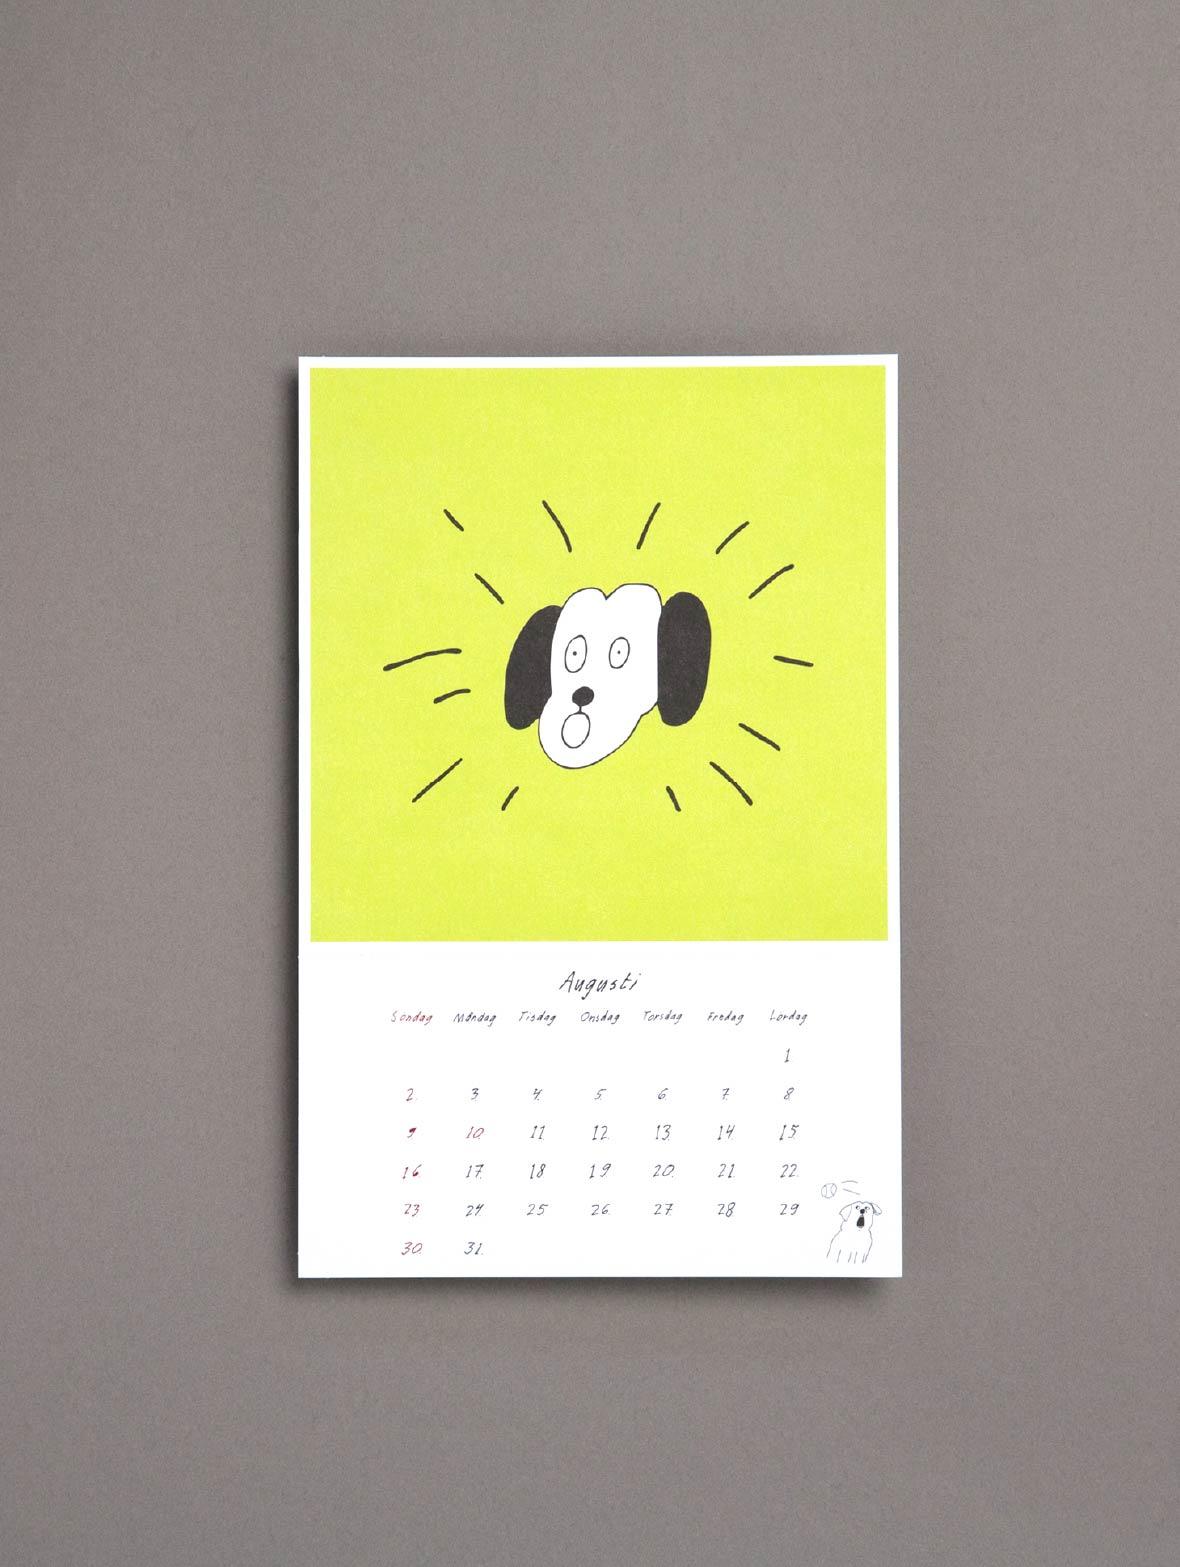 エレオノール・ボストロム 2020 カレンダー